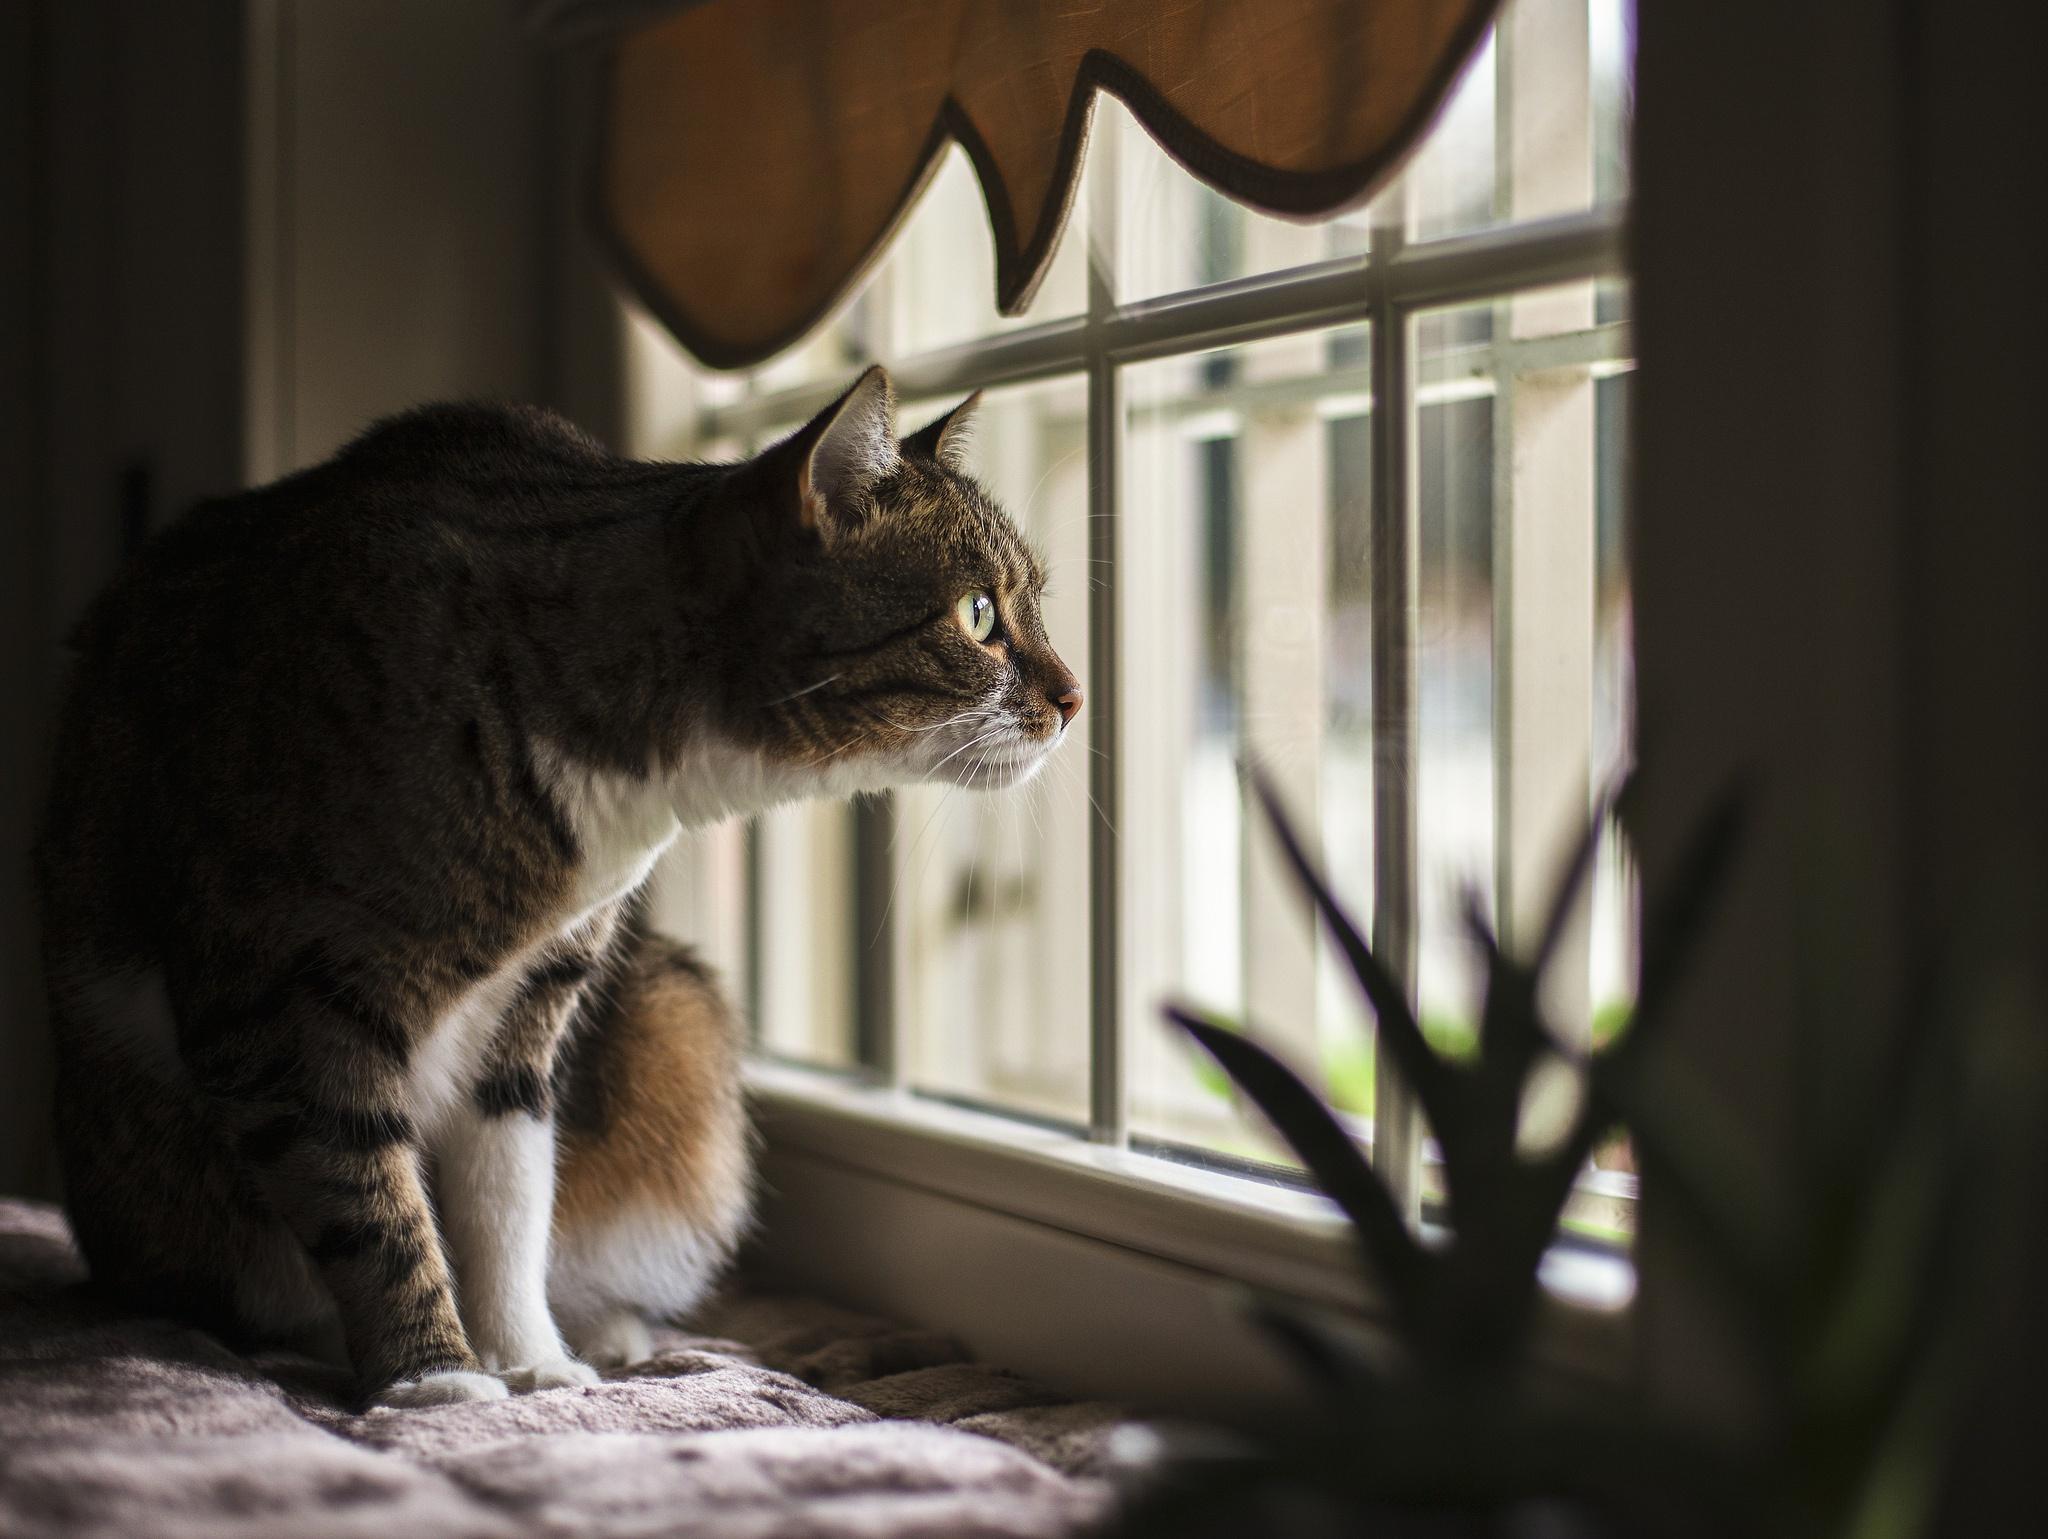 Вечерами напролет: 5 причин, почему кошка любит сидеть на подоконнике и смотреть в окно